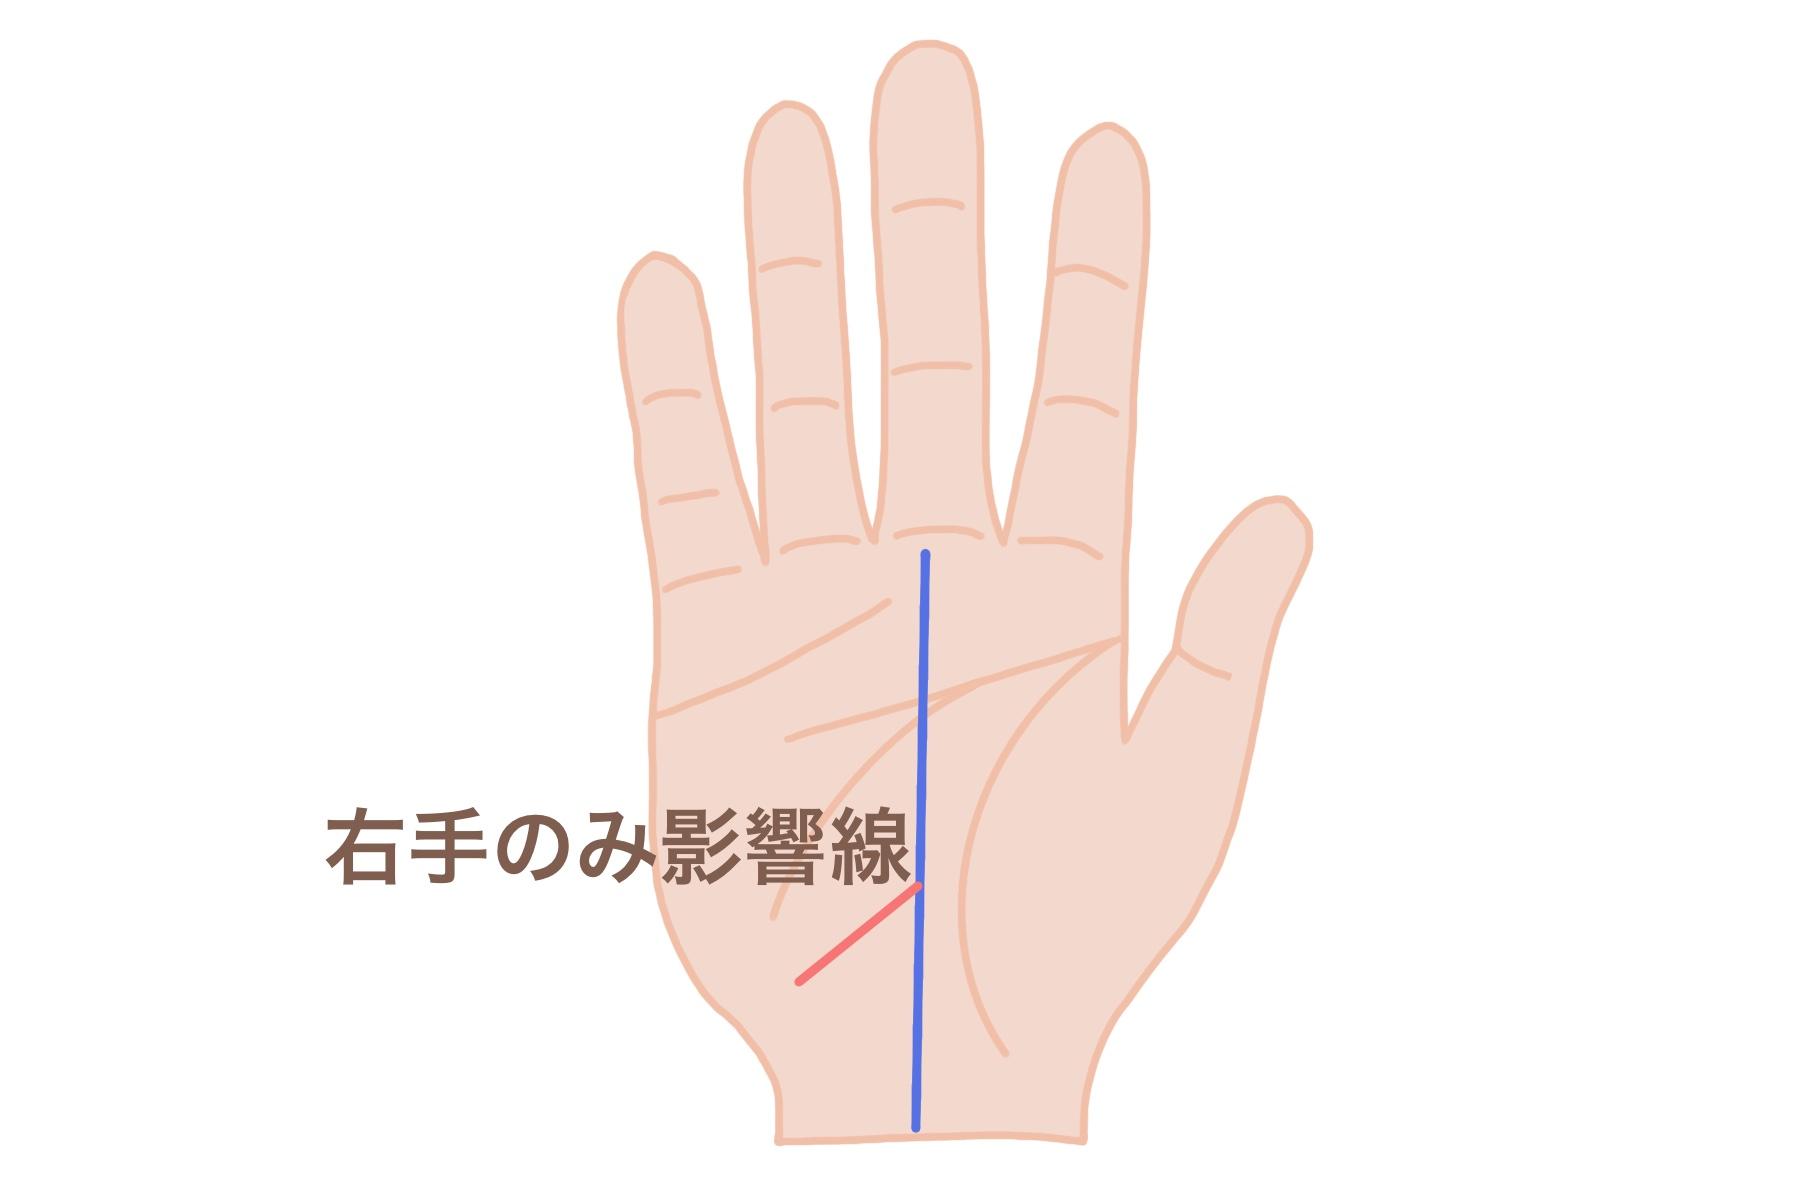 影響線:右手のみに出る